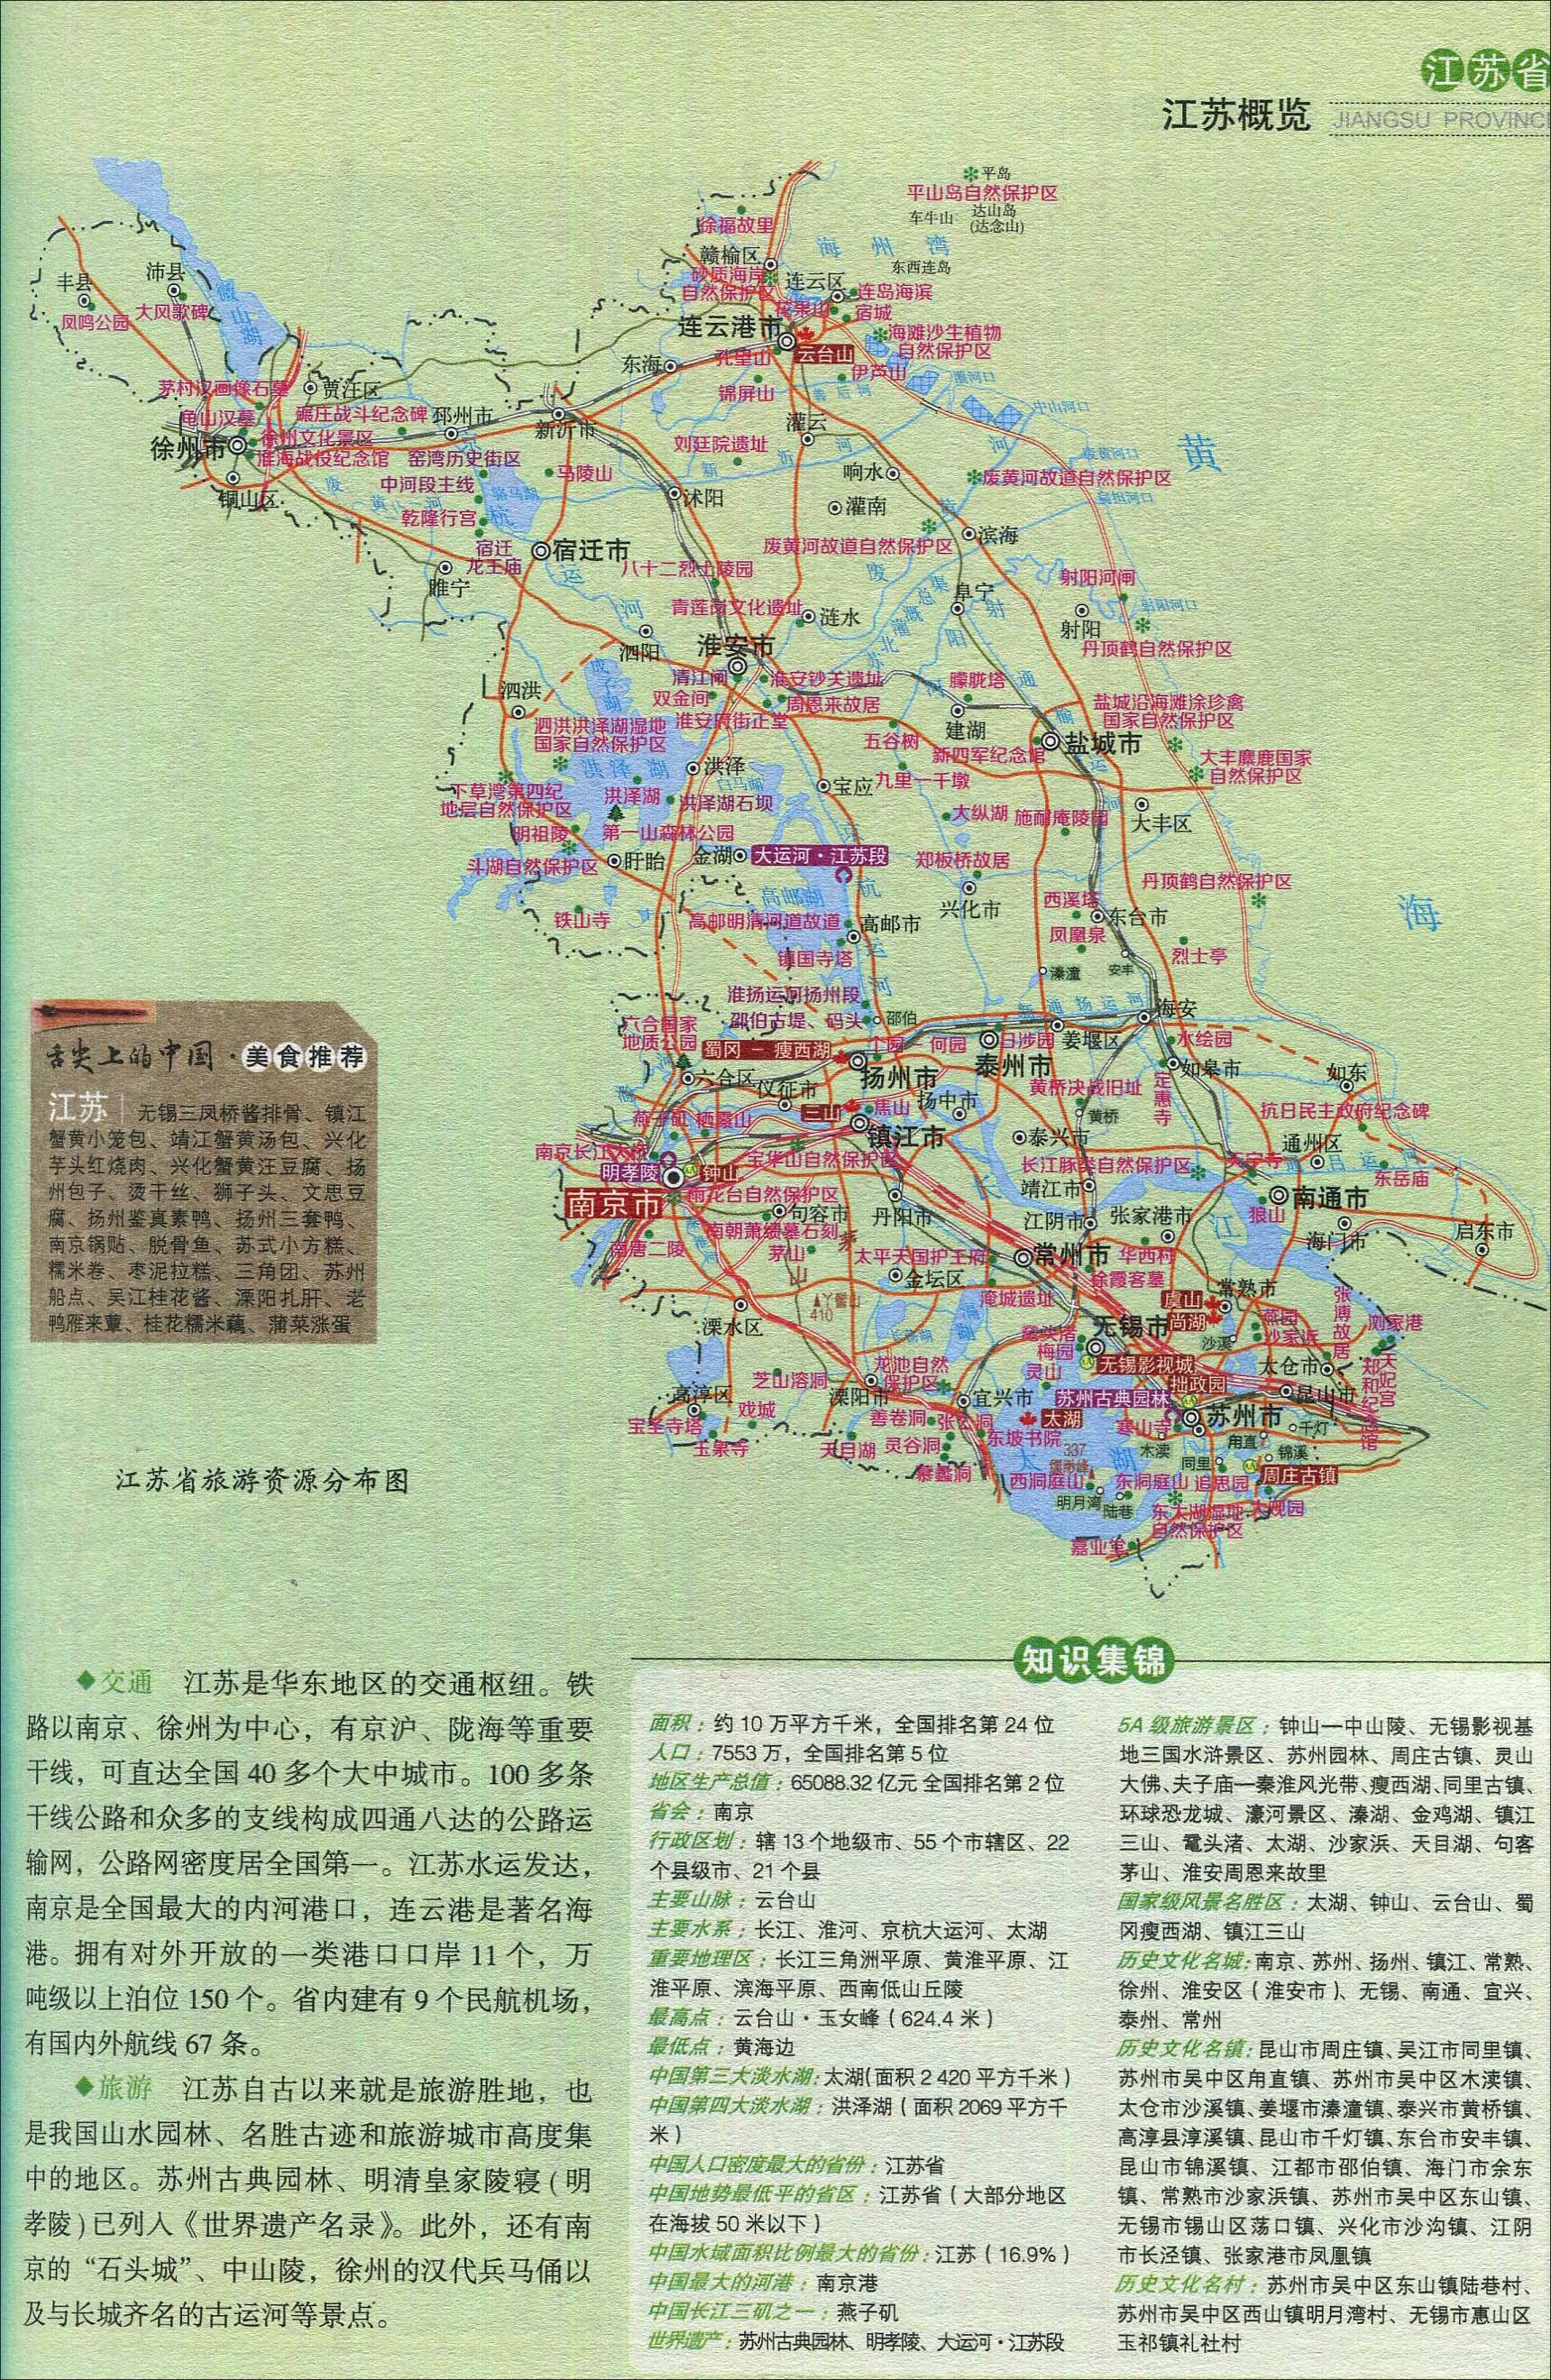 内蒙古风景一览图